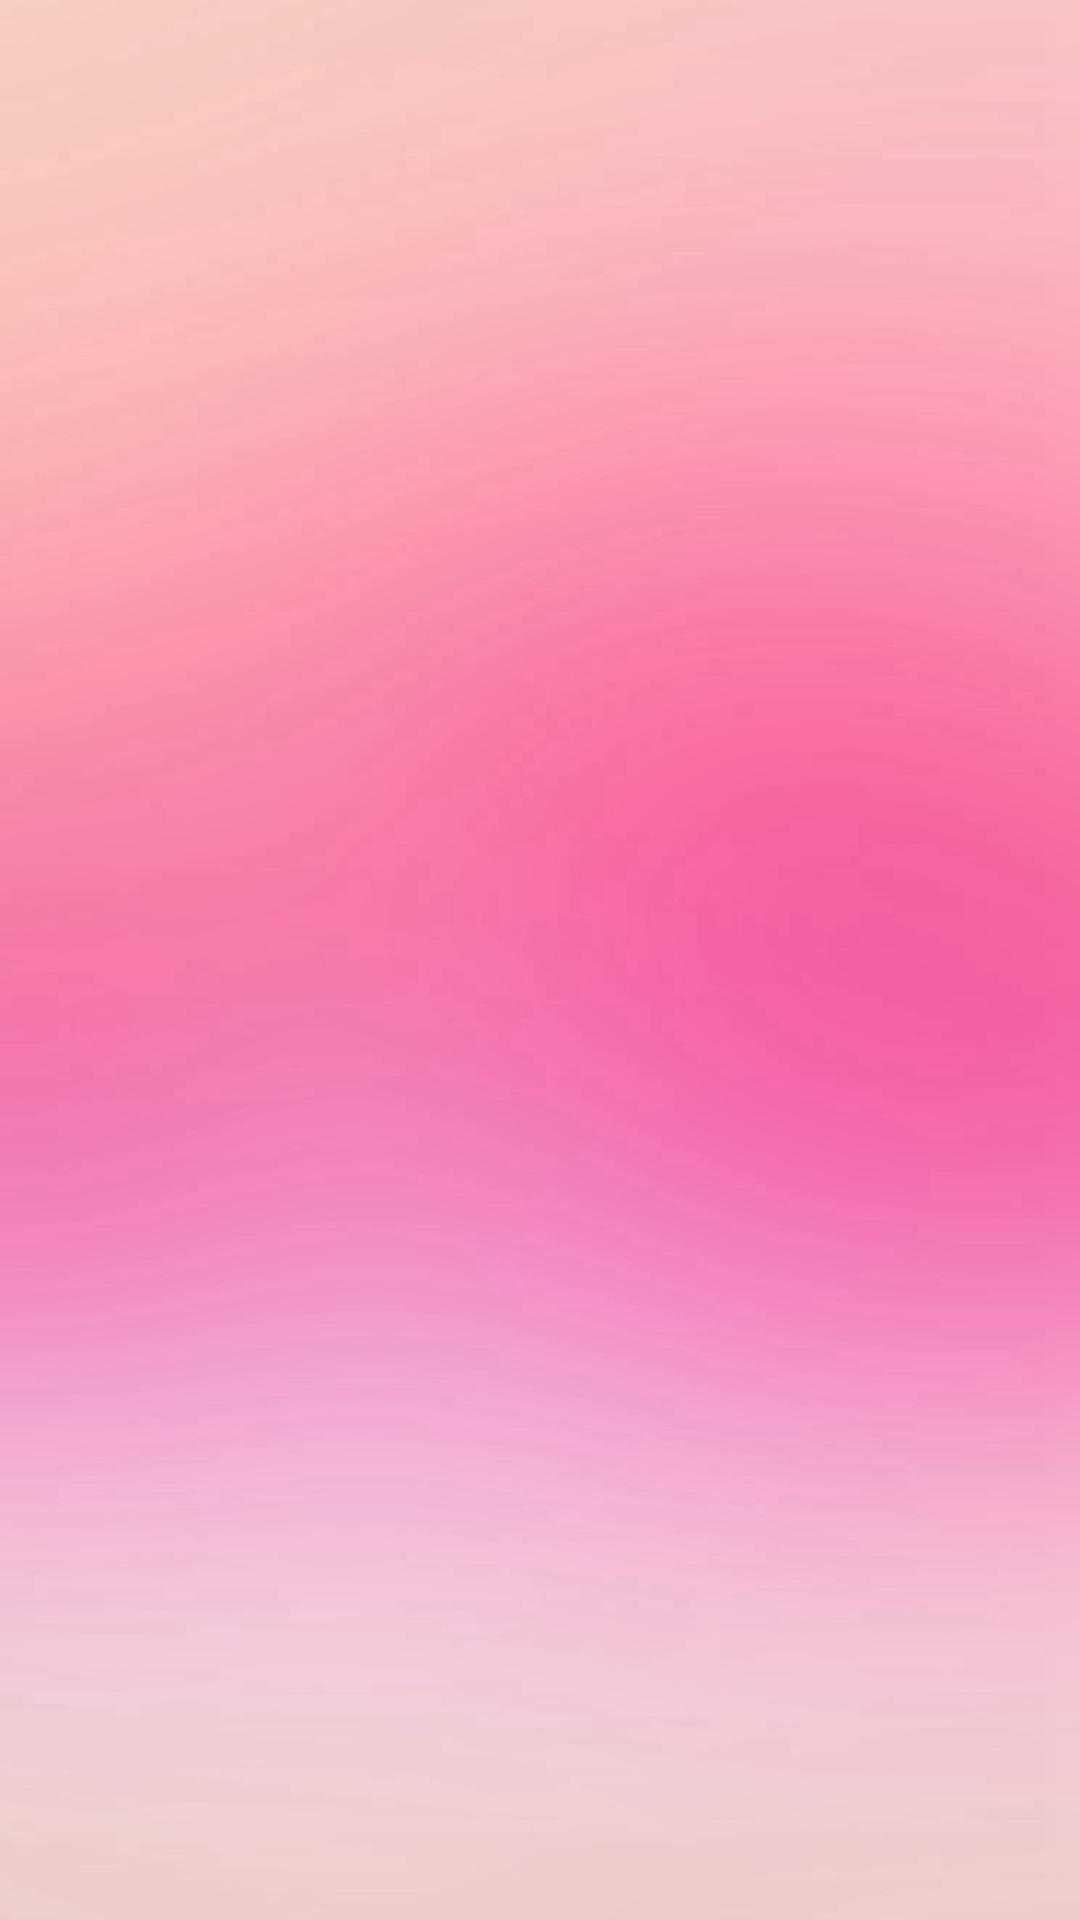 Light Pink iPhone Wallpaper - Supportive Guru